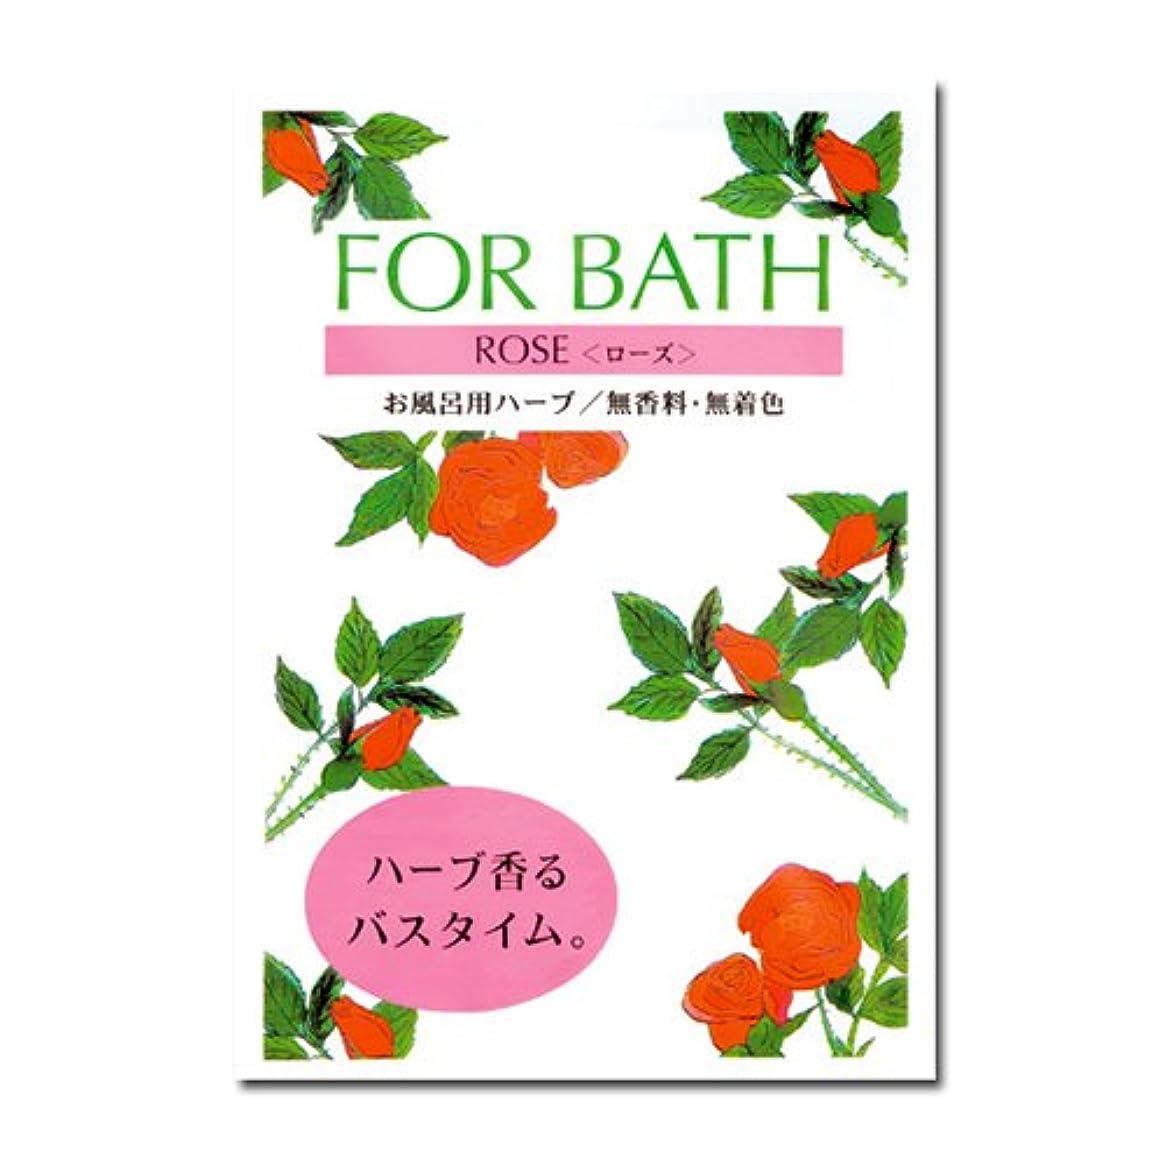 領収書特異性いっぱいフォアバス ローズx30袋[フォアバス/入浴剤/ハーブ]